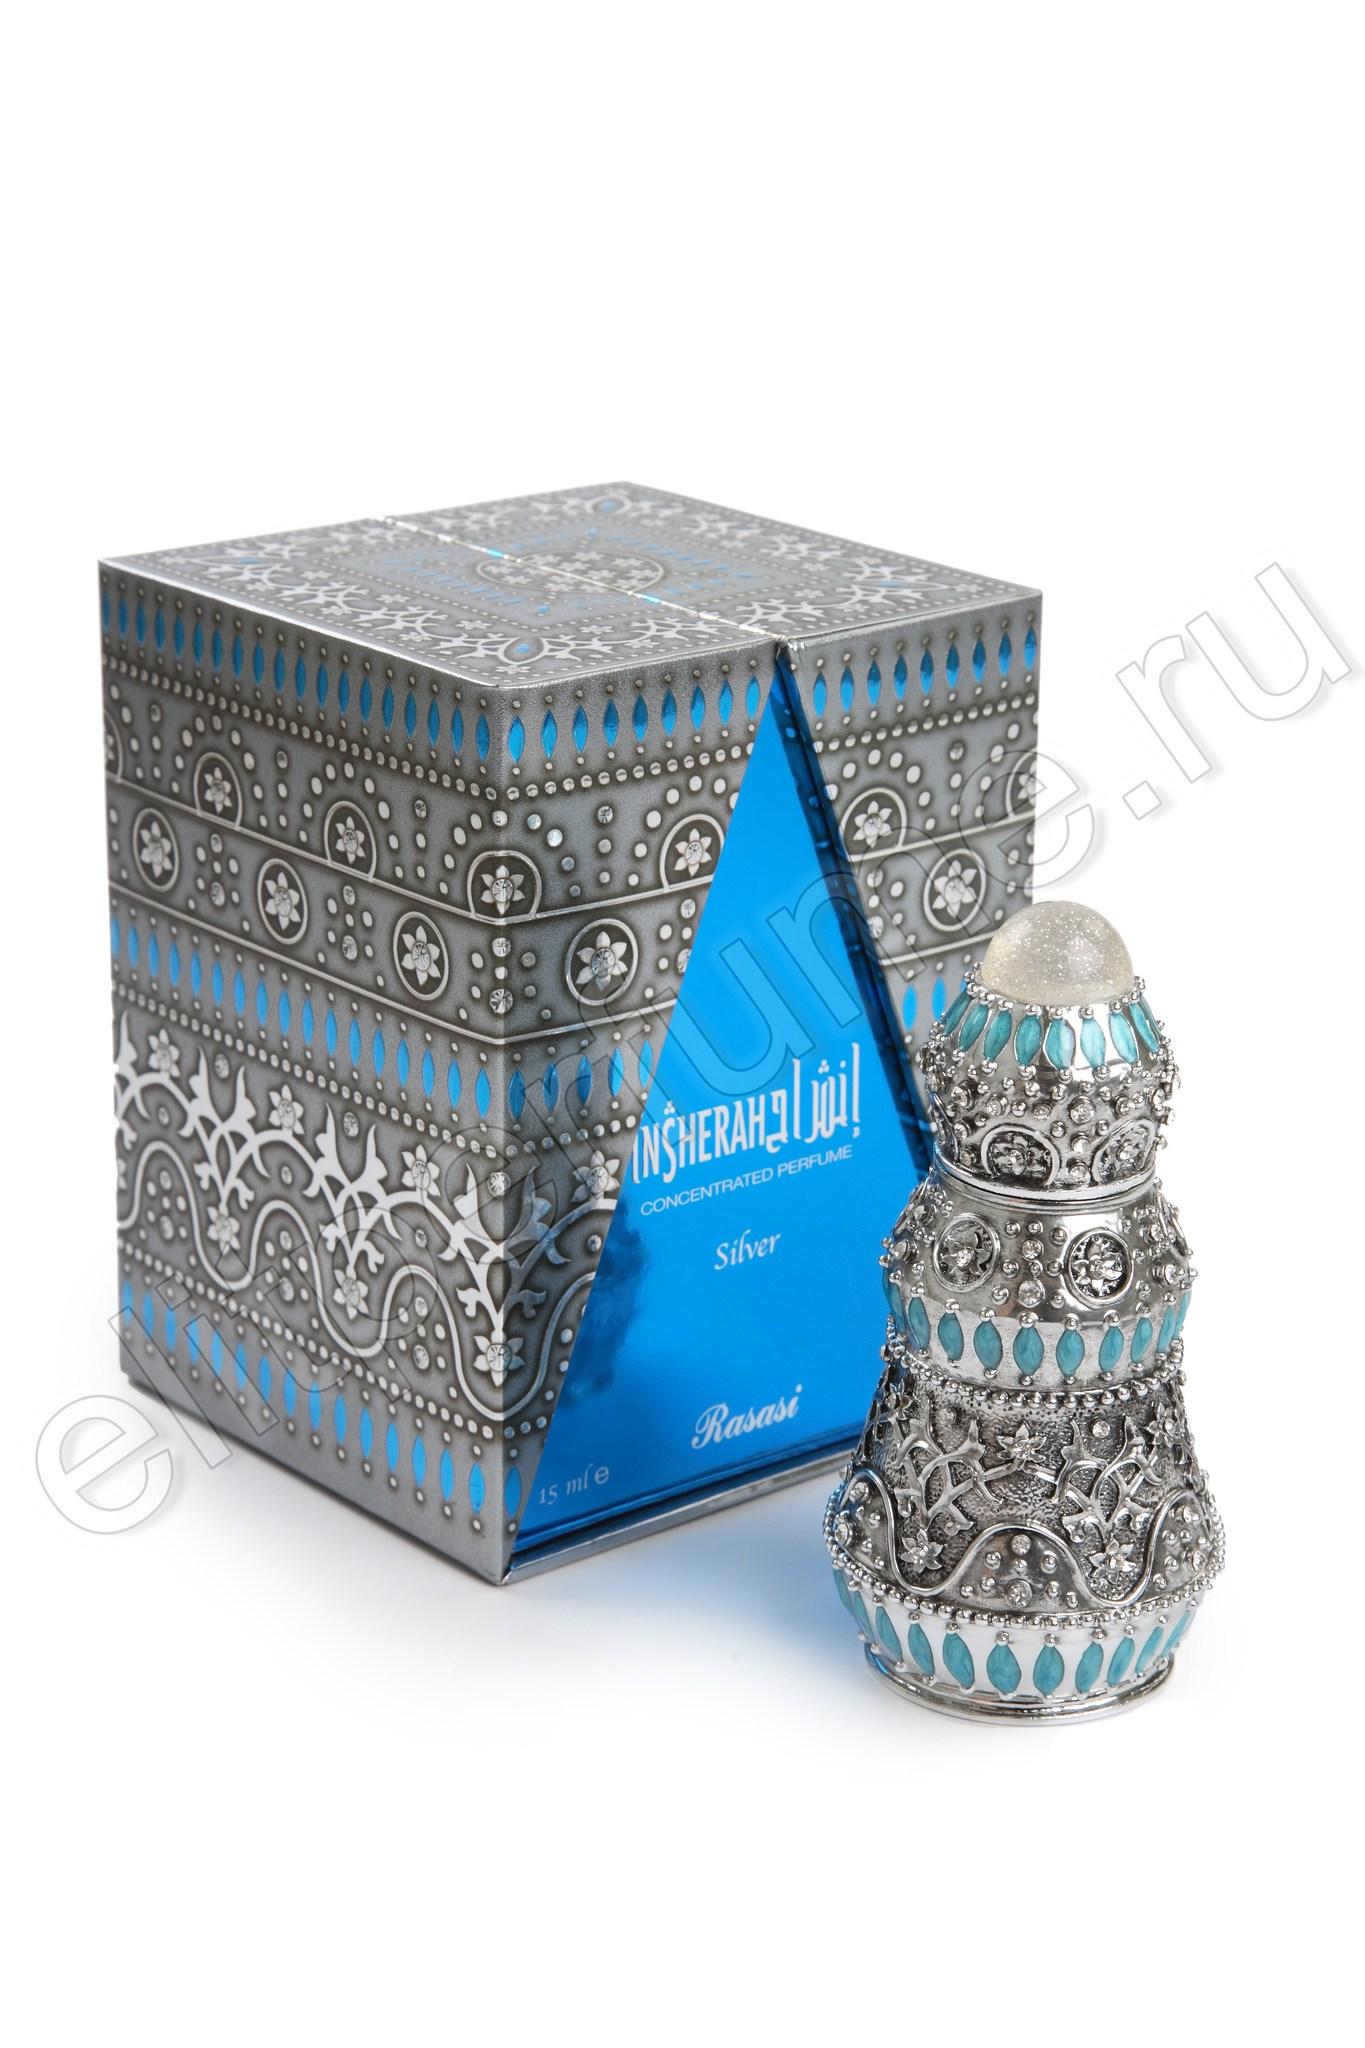 Пробники для духов Иншера Серебро Insherah Silver 1 мл арабские масляные духи от Расаси Rasasi Perfumes